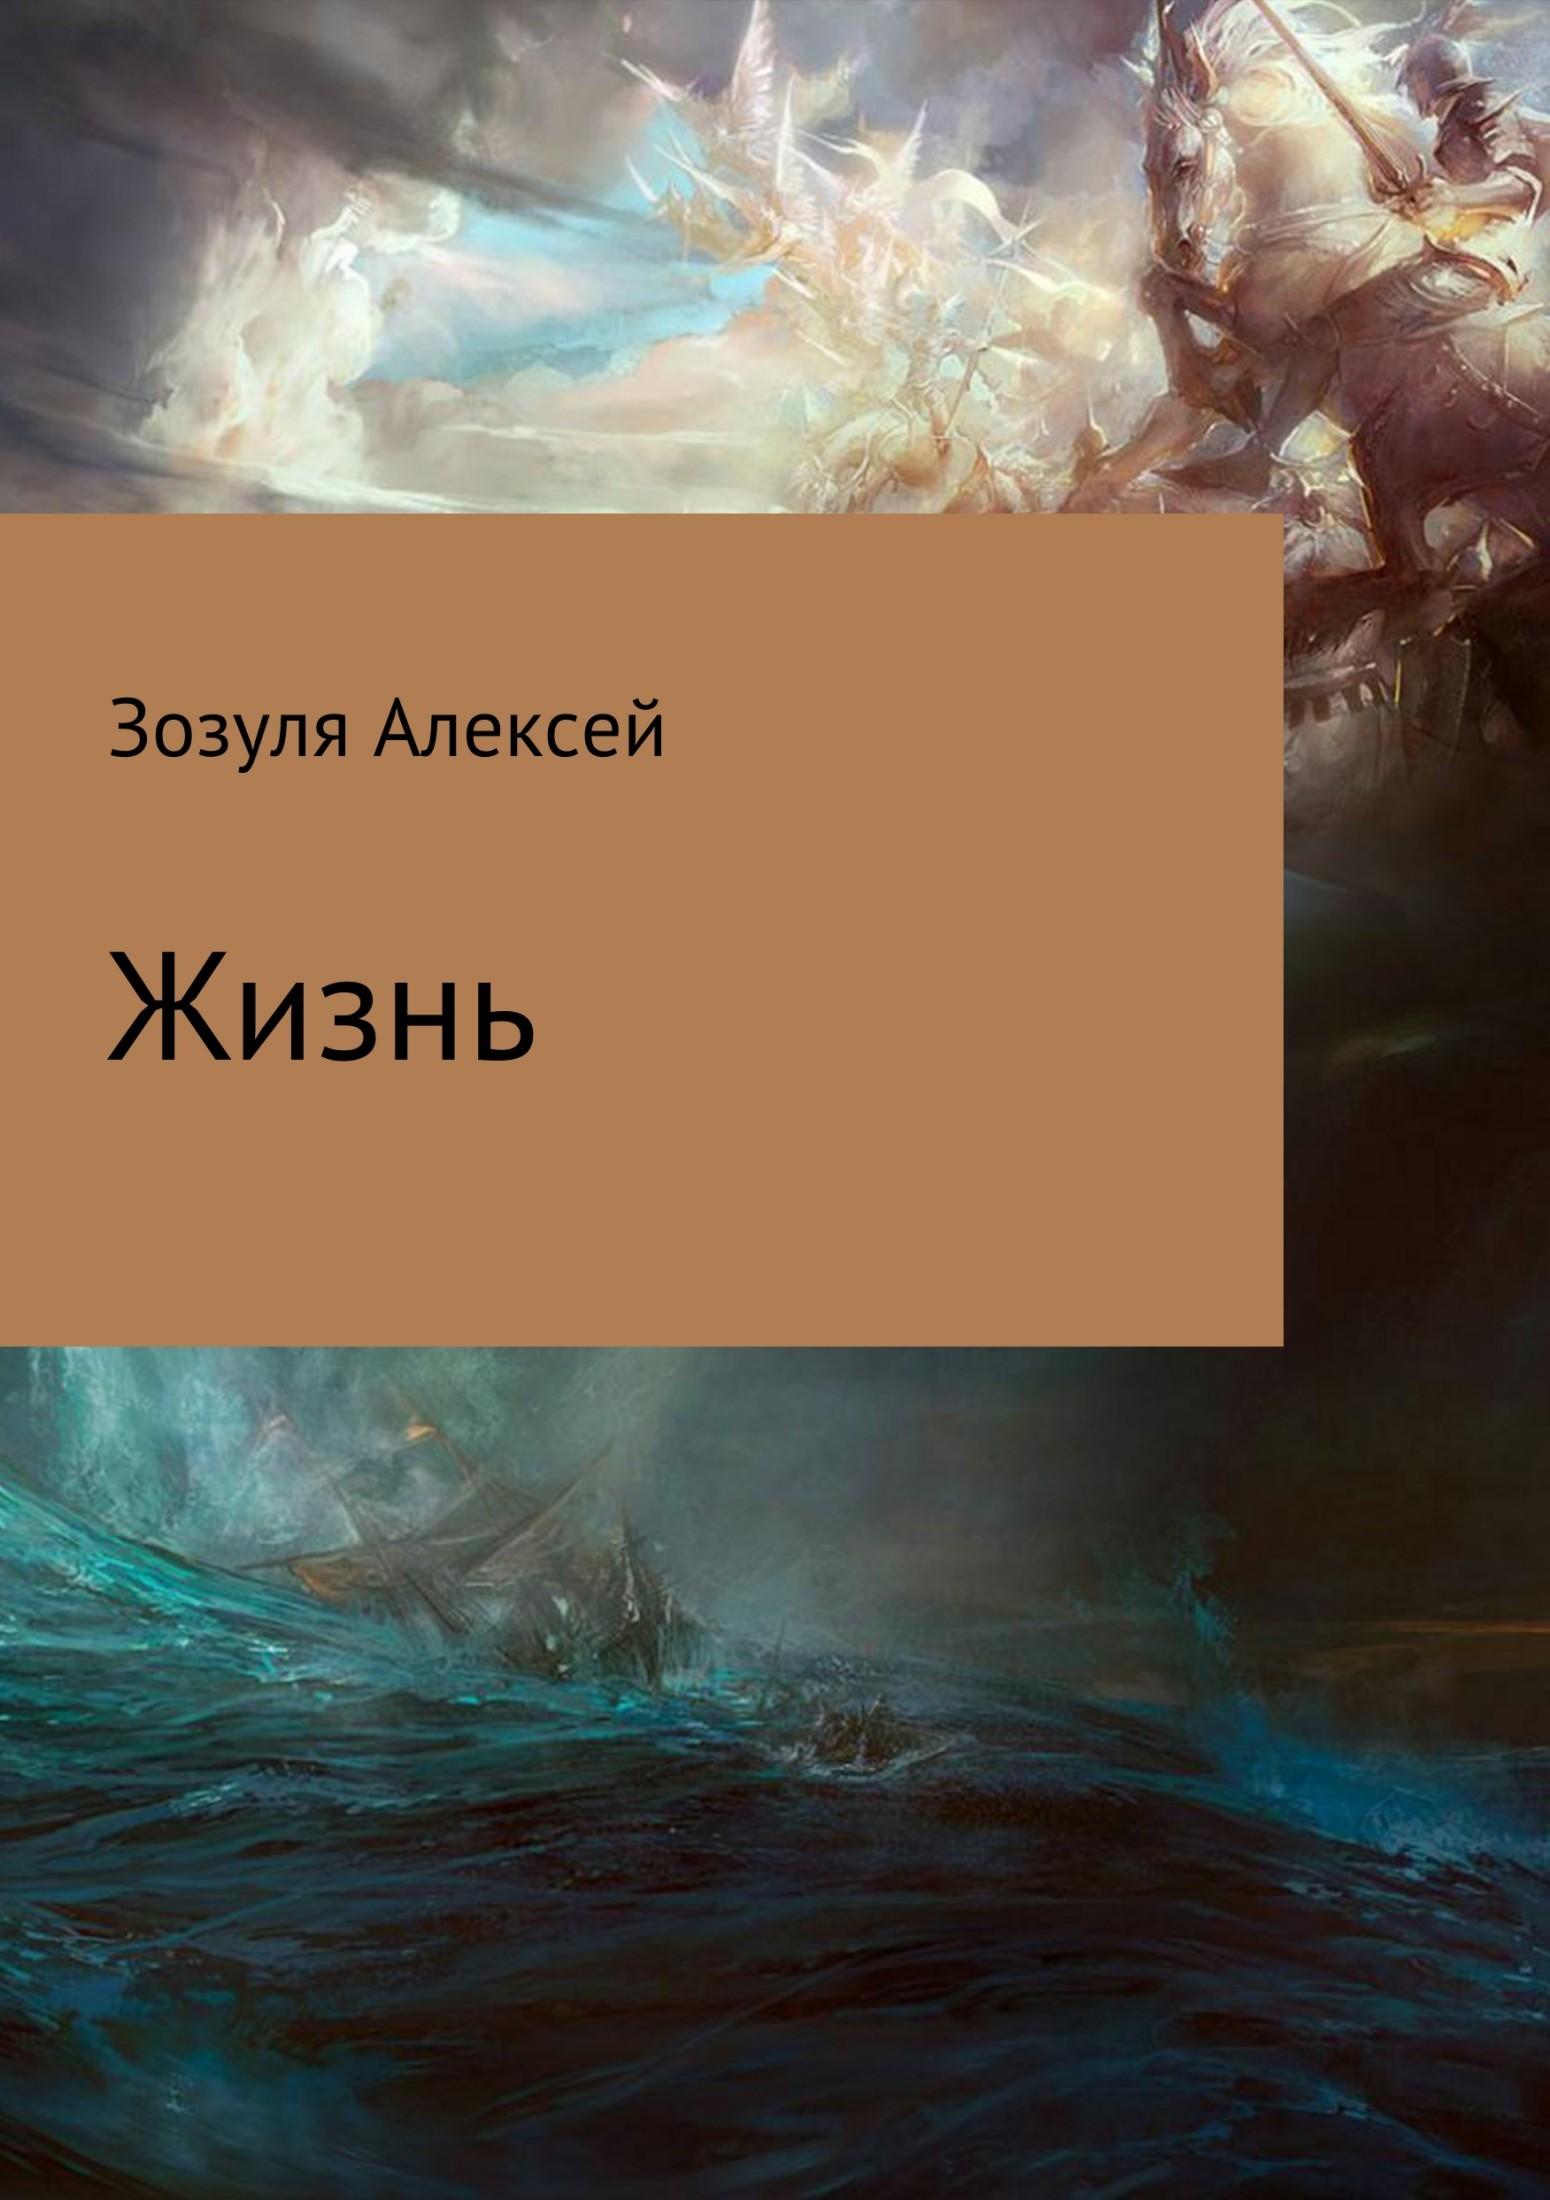 Алексей Юрьевич Зозуля. Жизнь